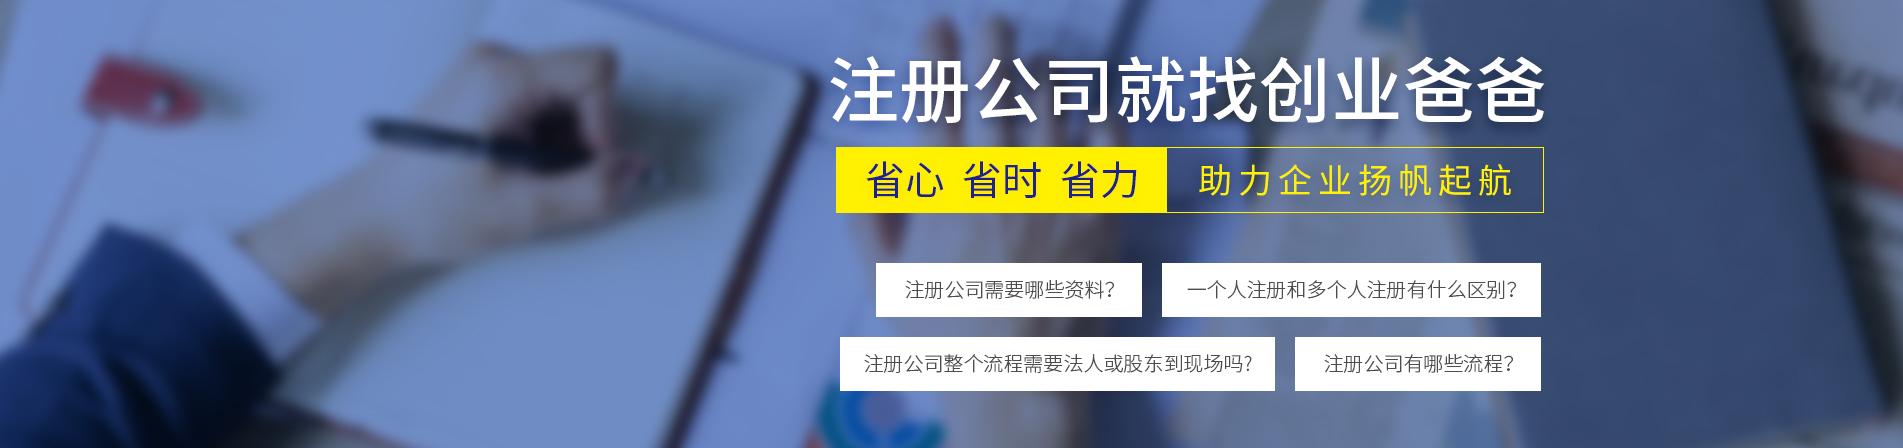 北京网投时时彩APP